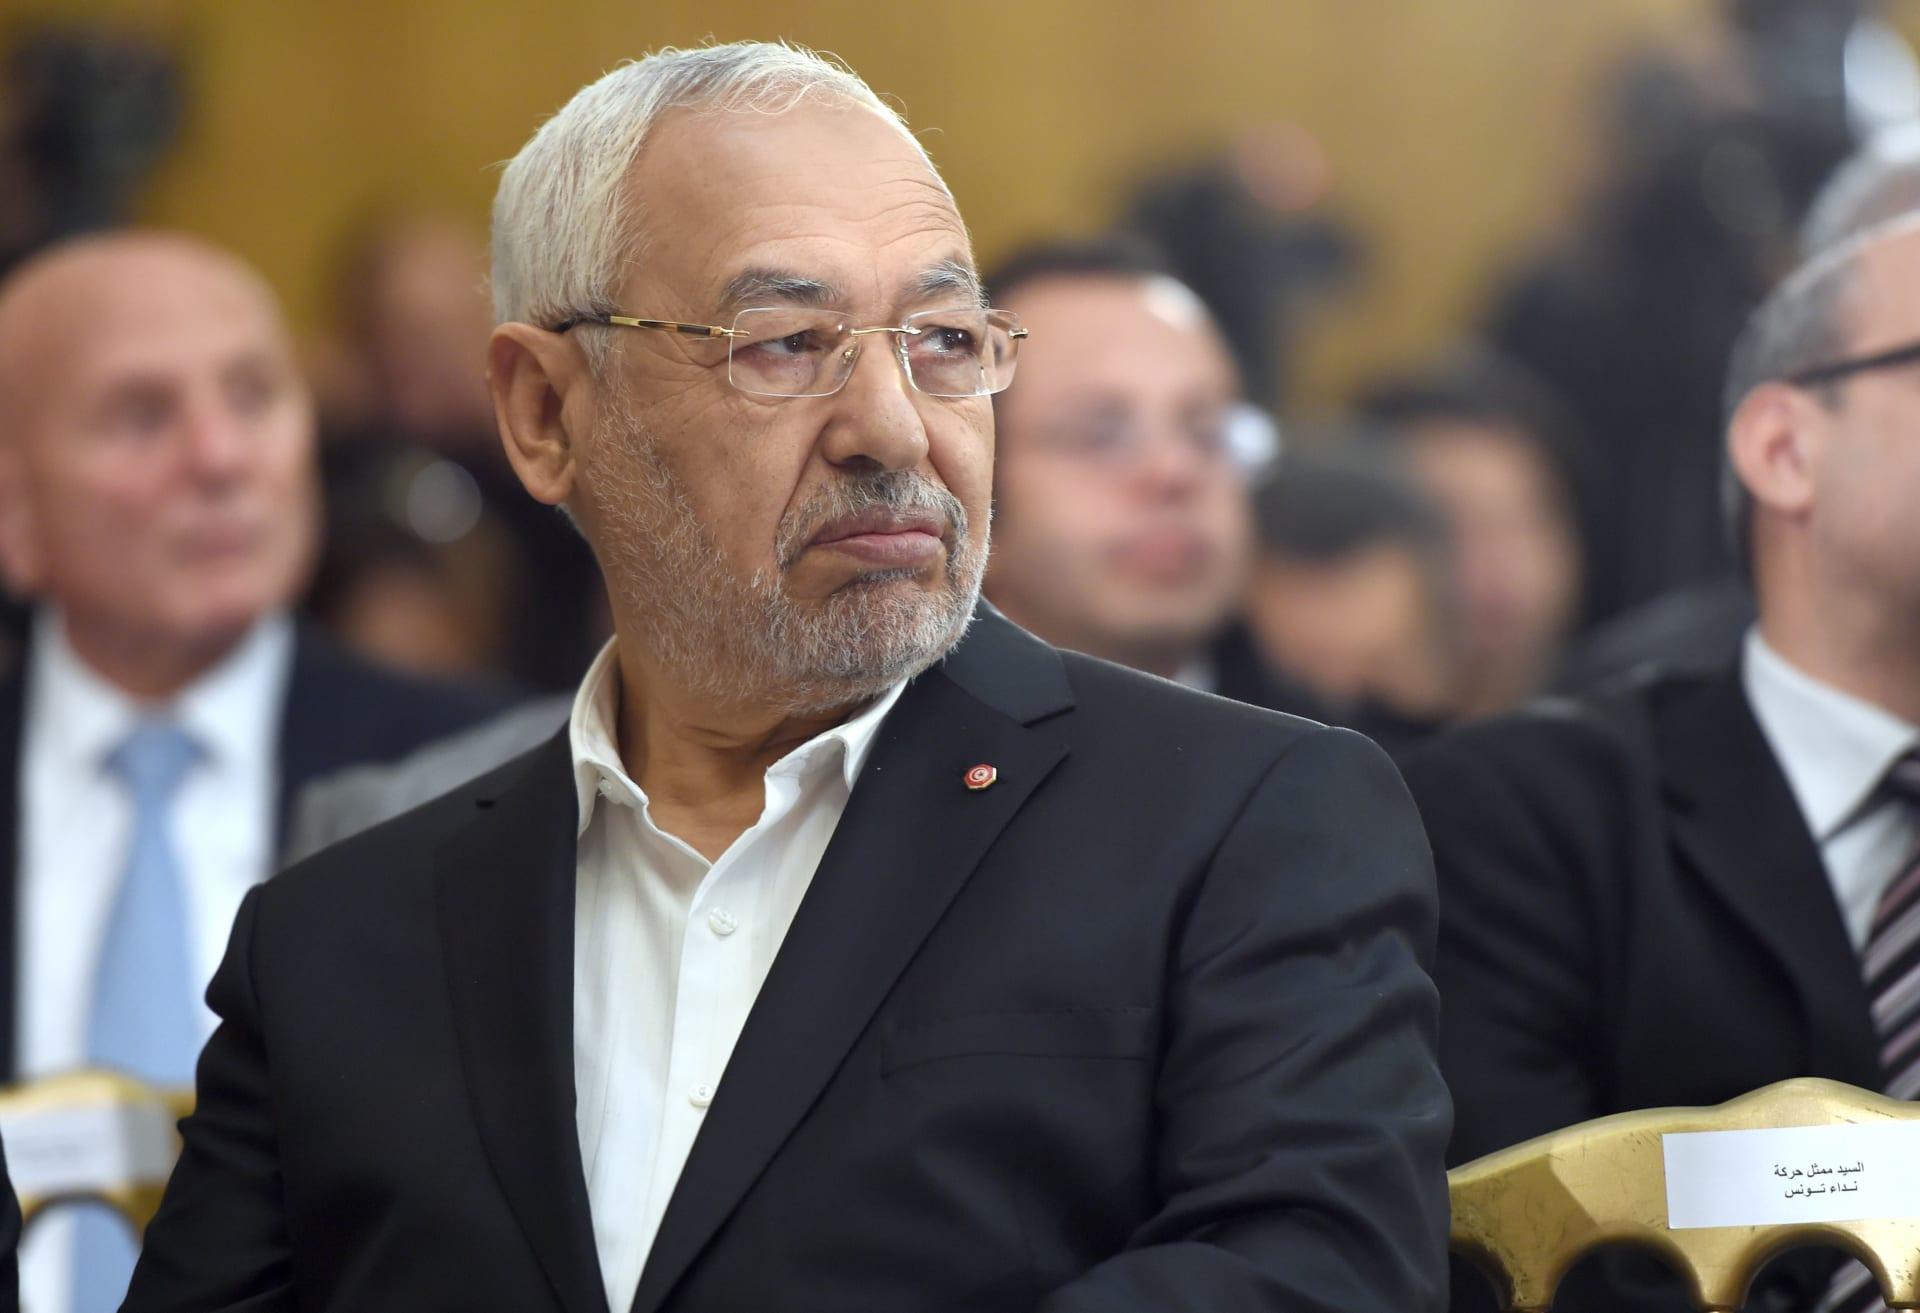 راشد الغنوشي يدافع عن مكالمته مع السرَاج.. ويؤكد: لا حياد تجاه مصالح تونس في ليبيا